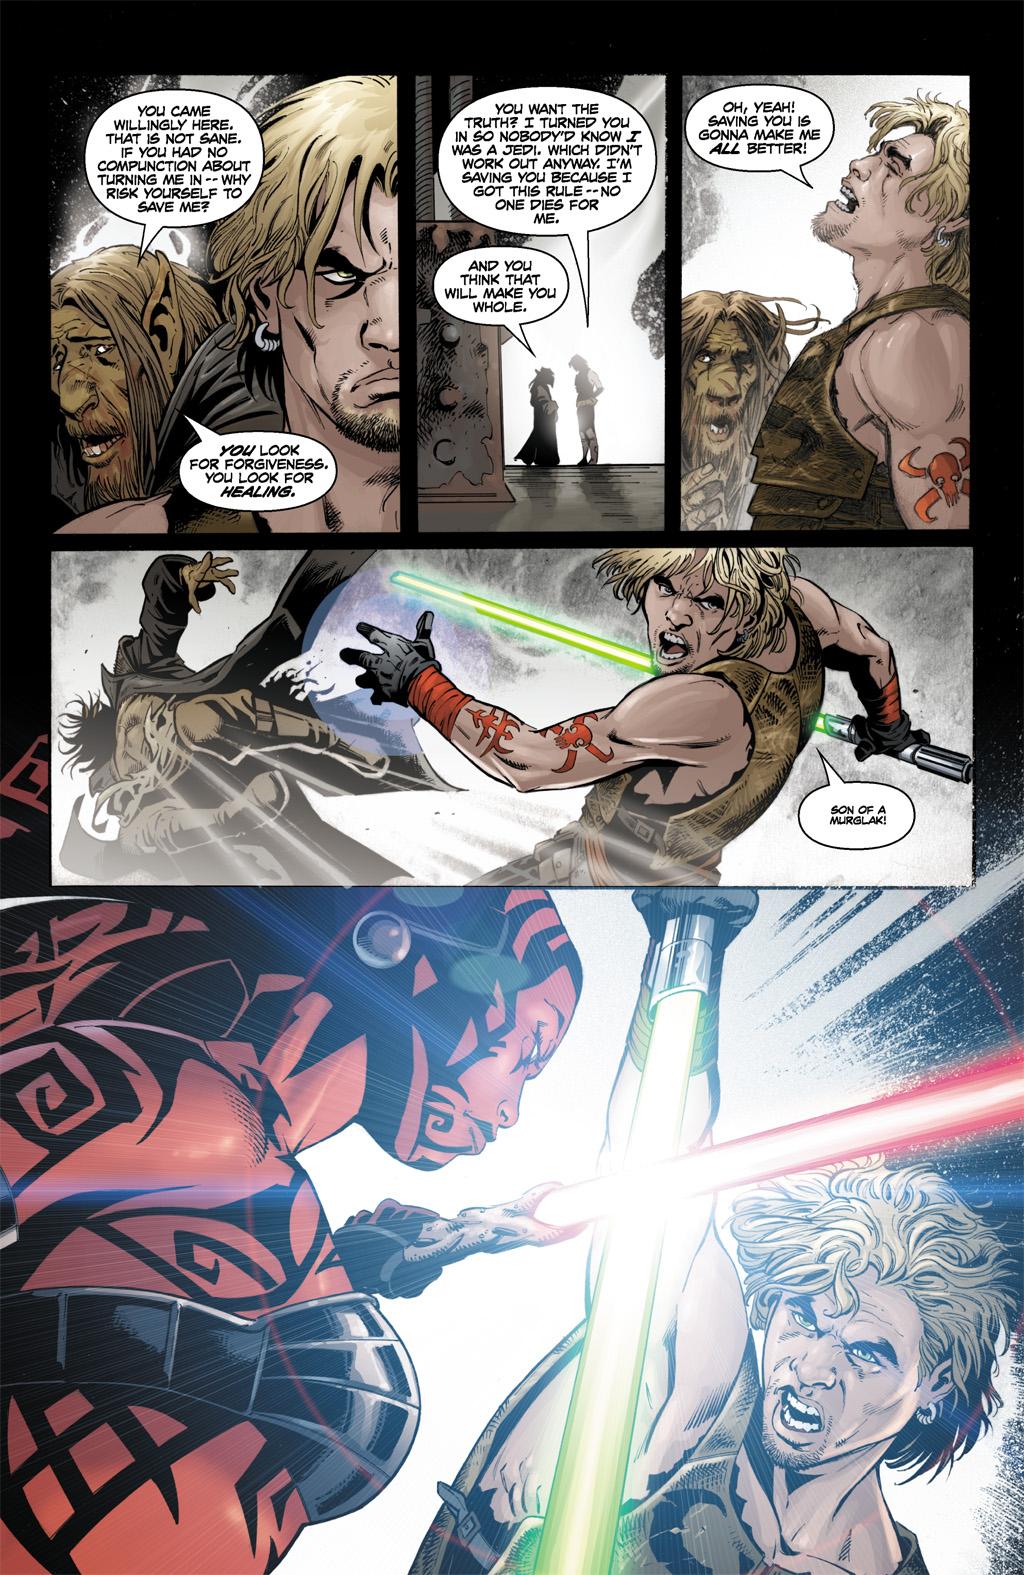 Cade Skywalker VS Darth Talon